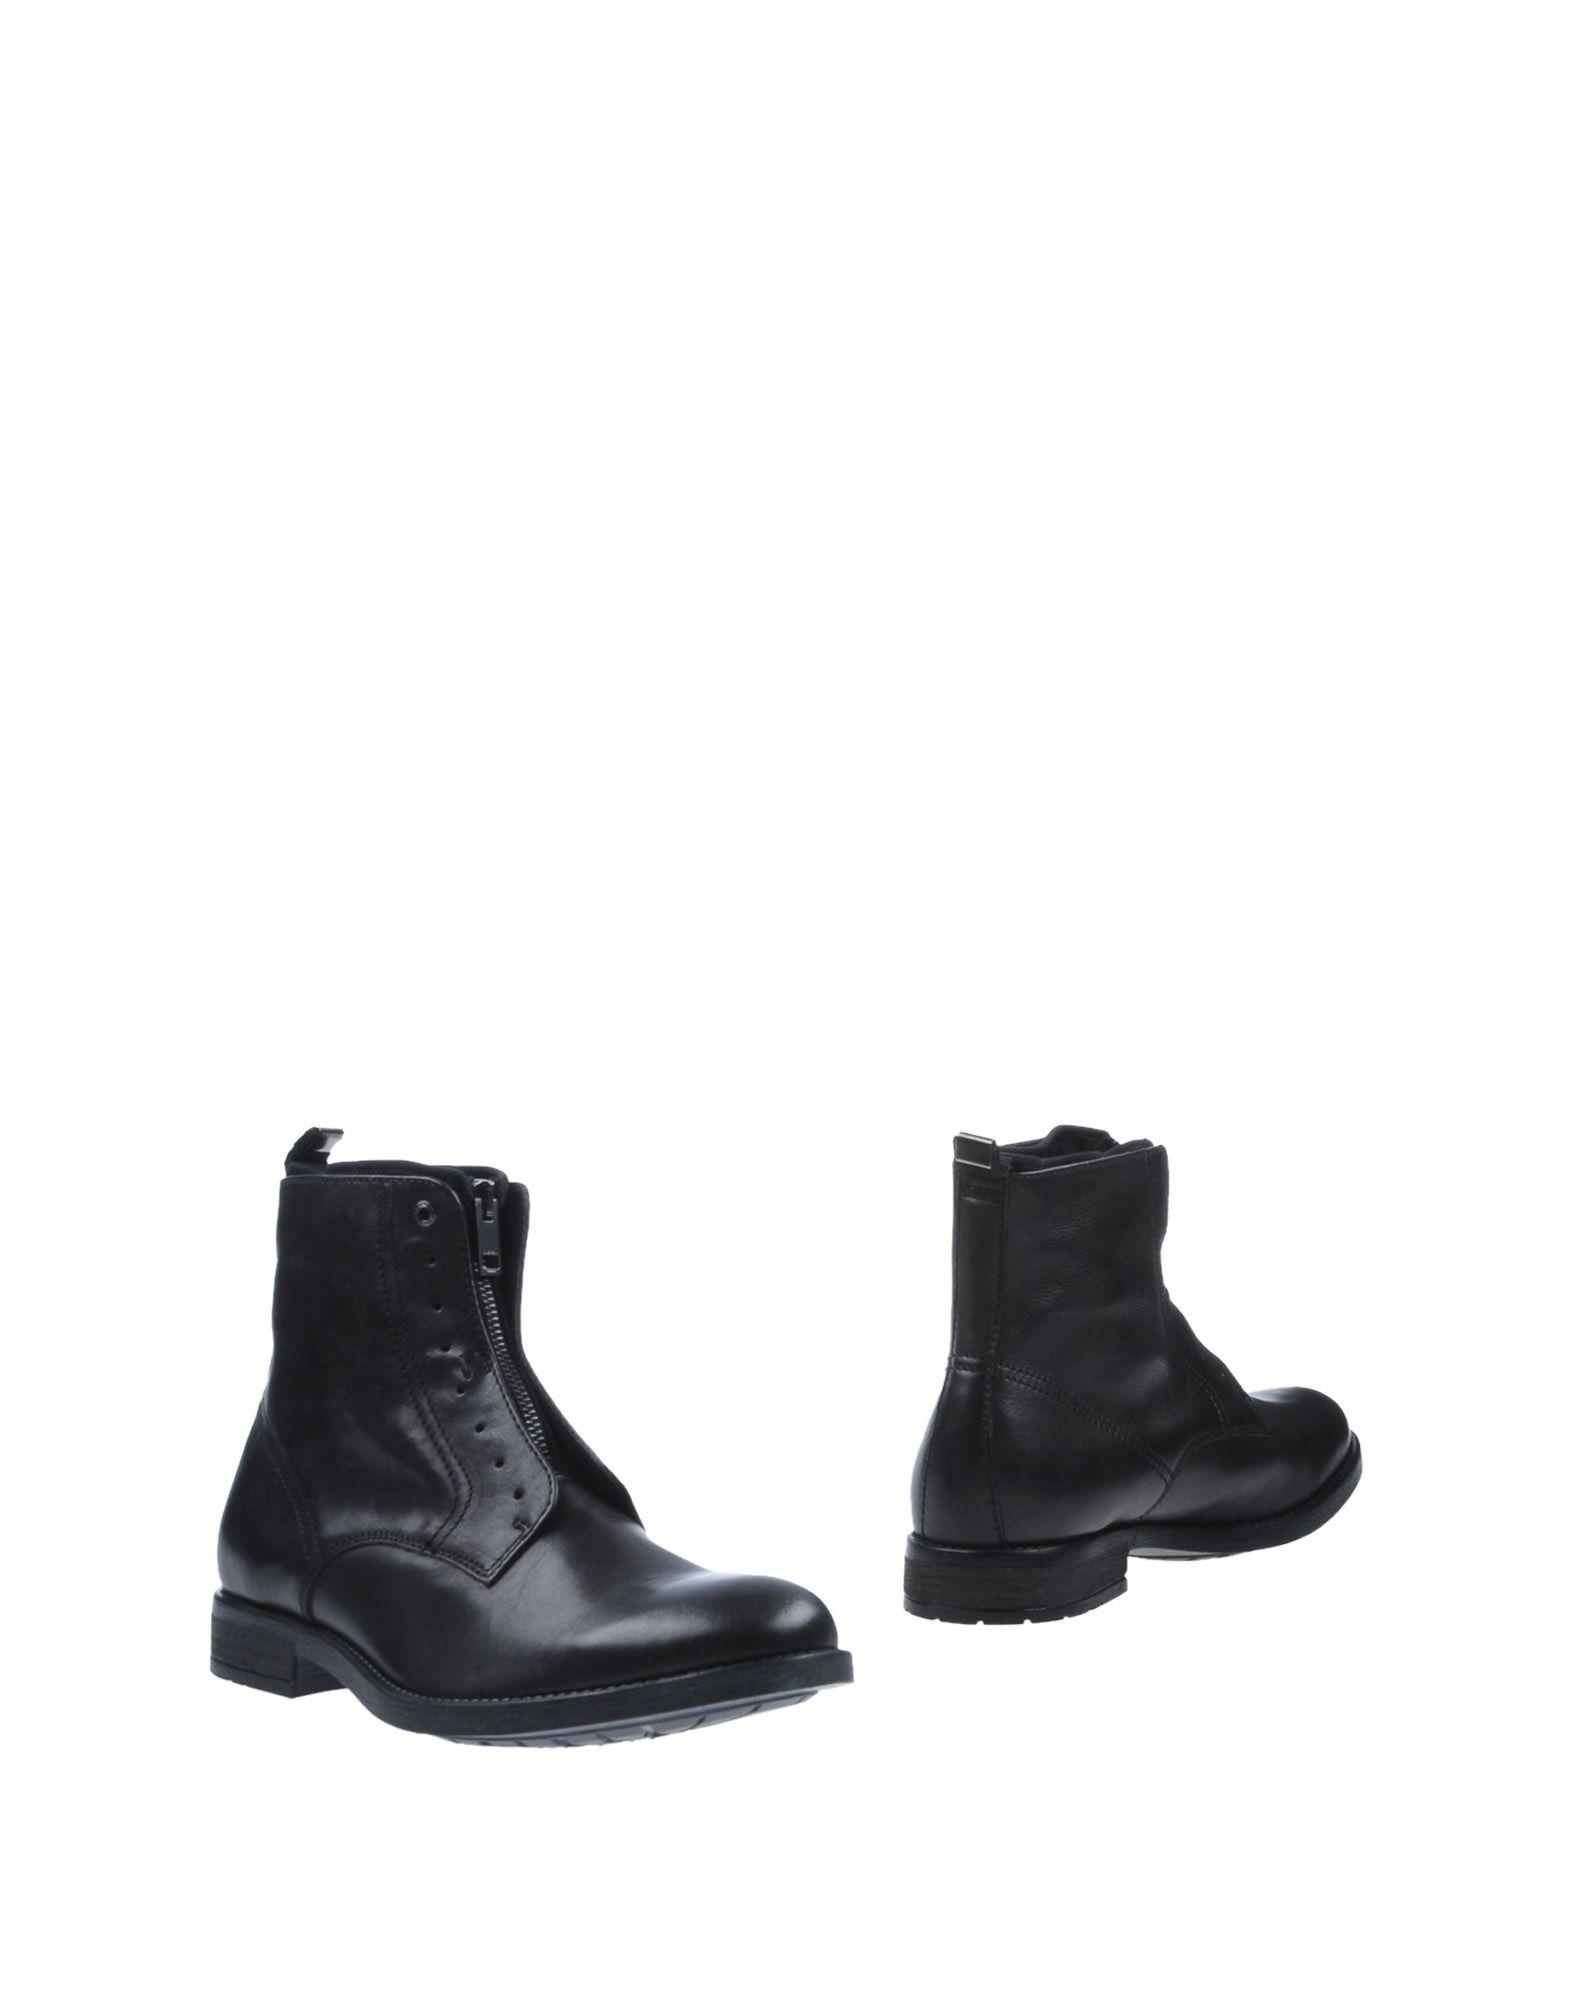 Diesel Stiefelette Herren  11309061TL Gute Qualität beliebte Schuhe